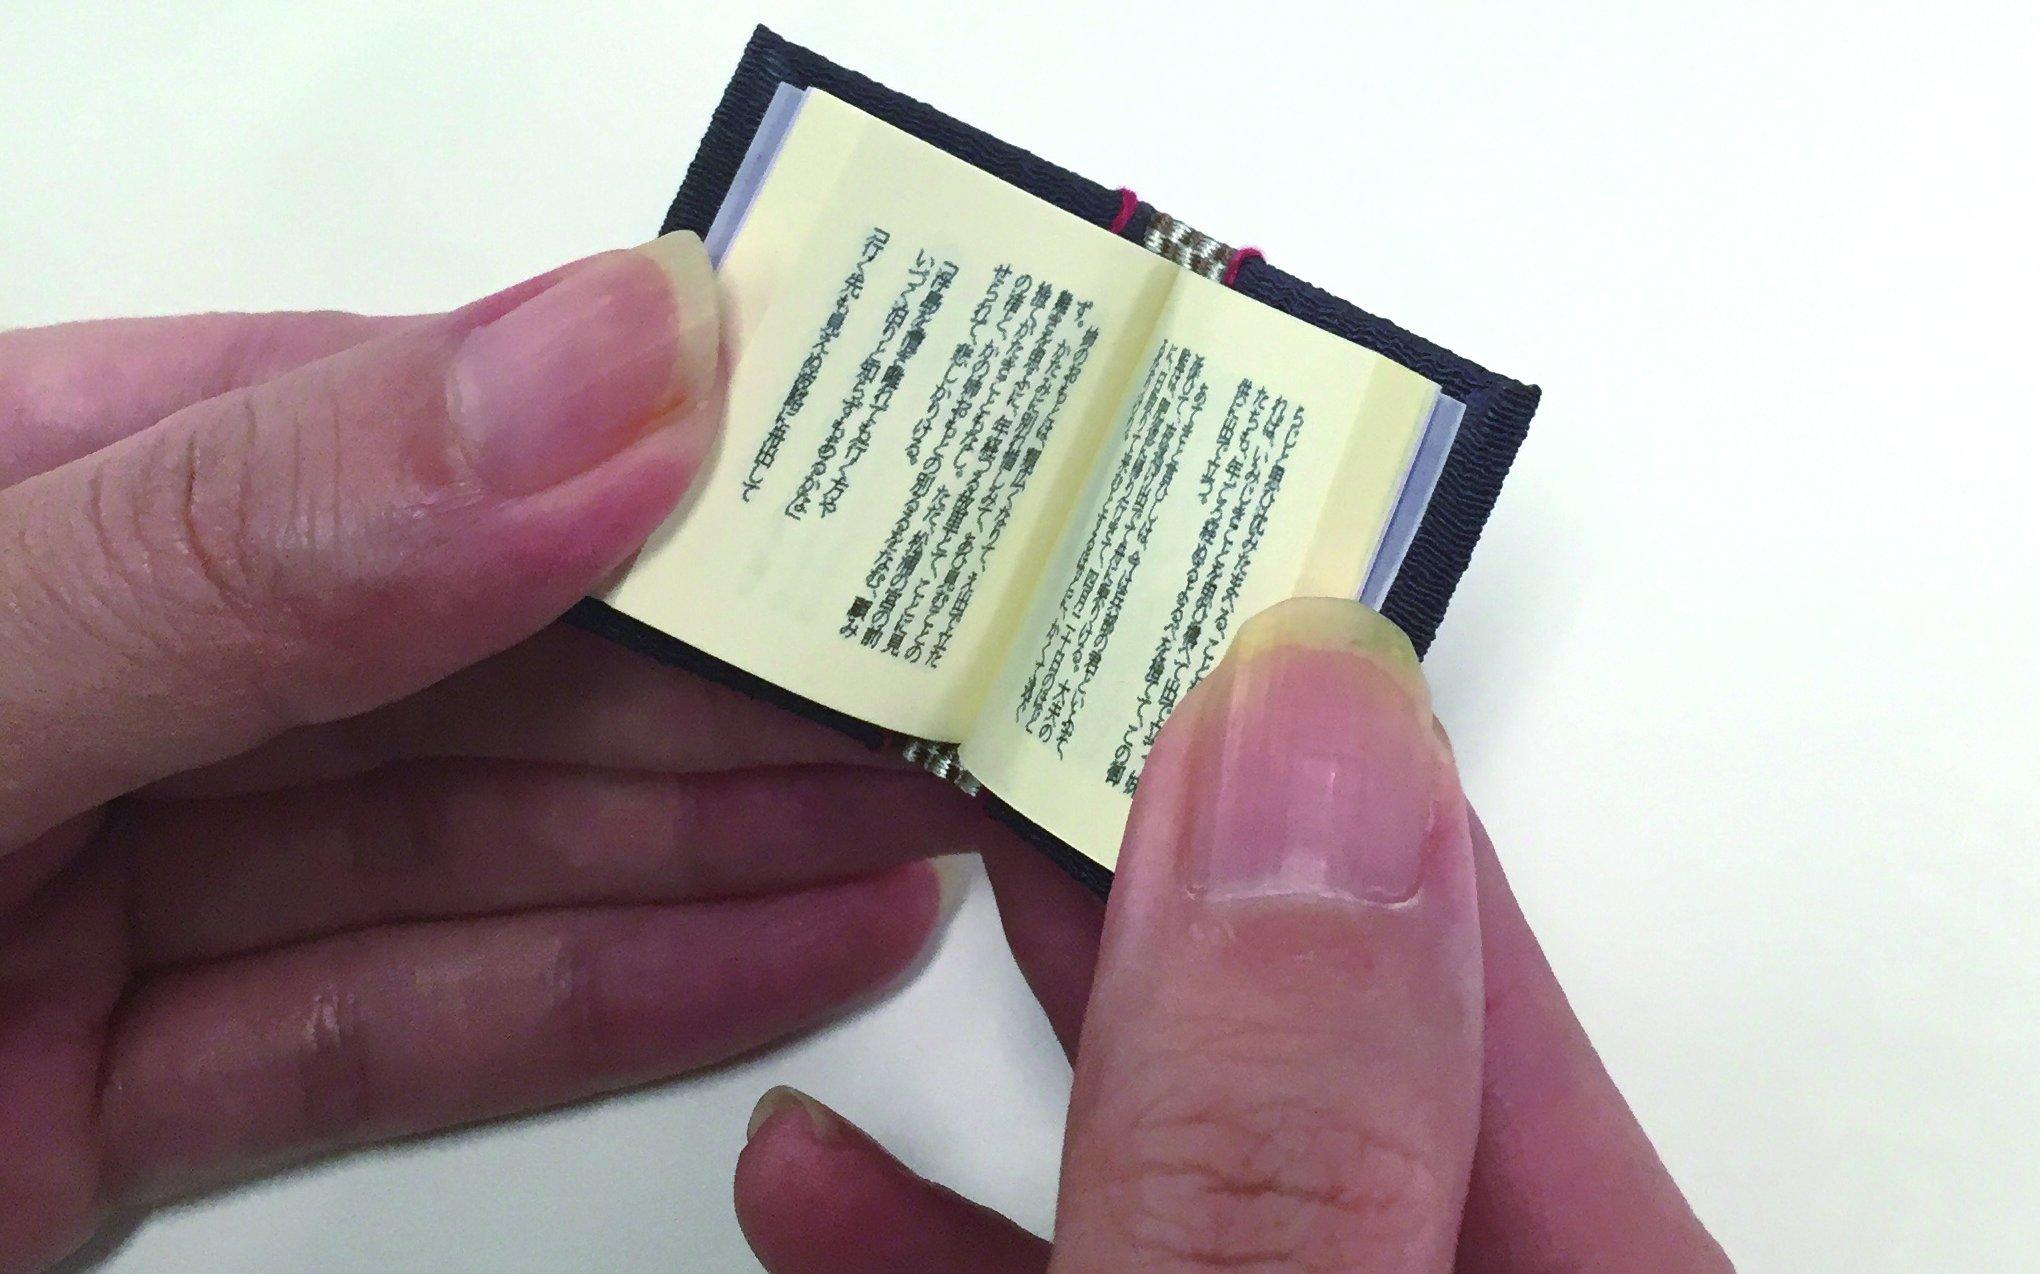 印刷の歴史と技術の挑戦につながる豆本の豆知識